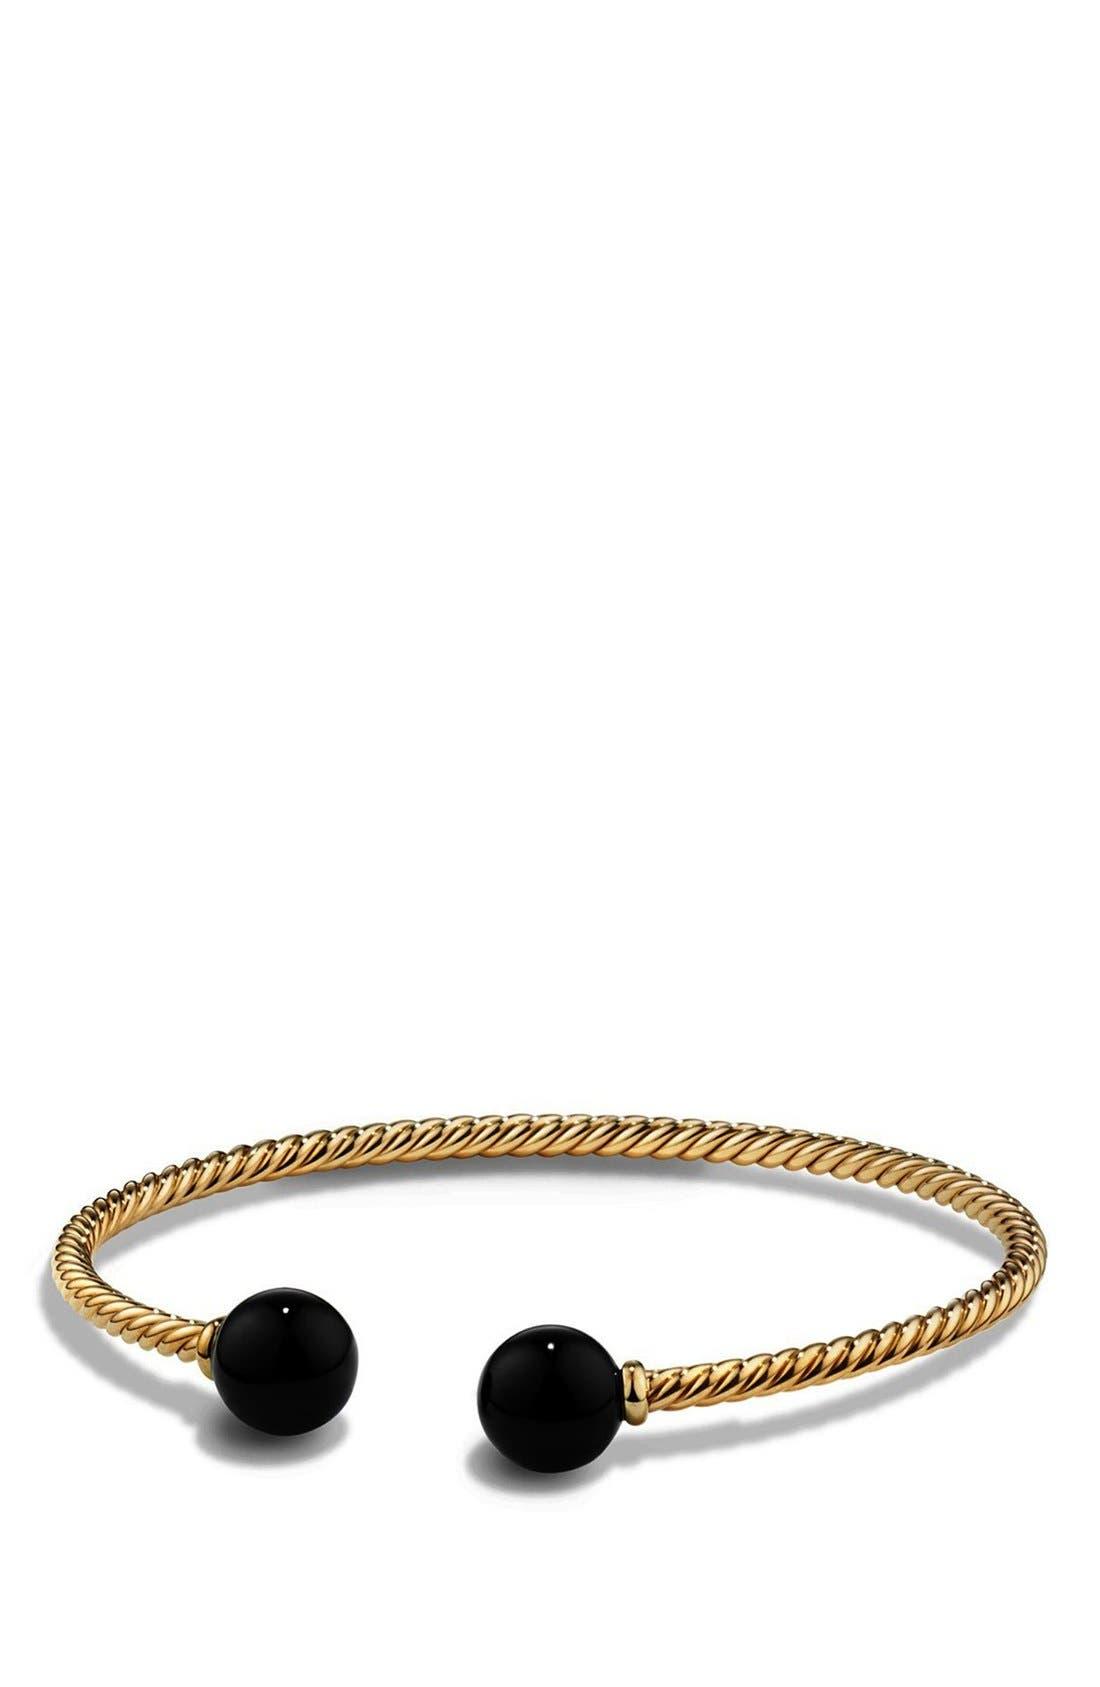 'Solari' Bead Bracelet,                             Main thumbnail 1, color,                             BLACK ONYX